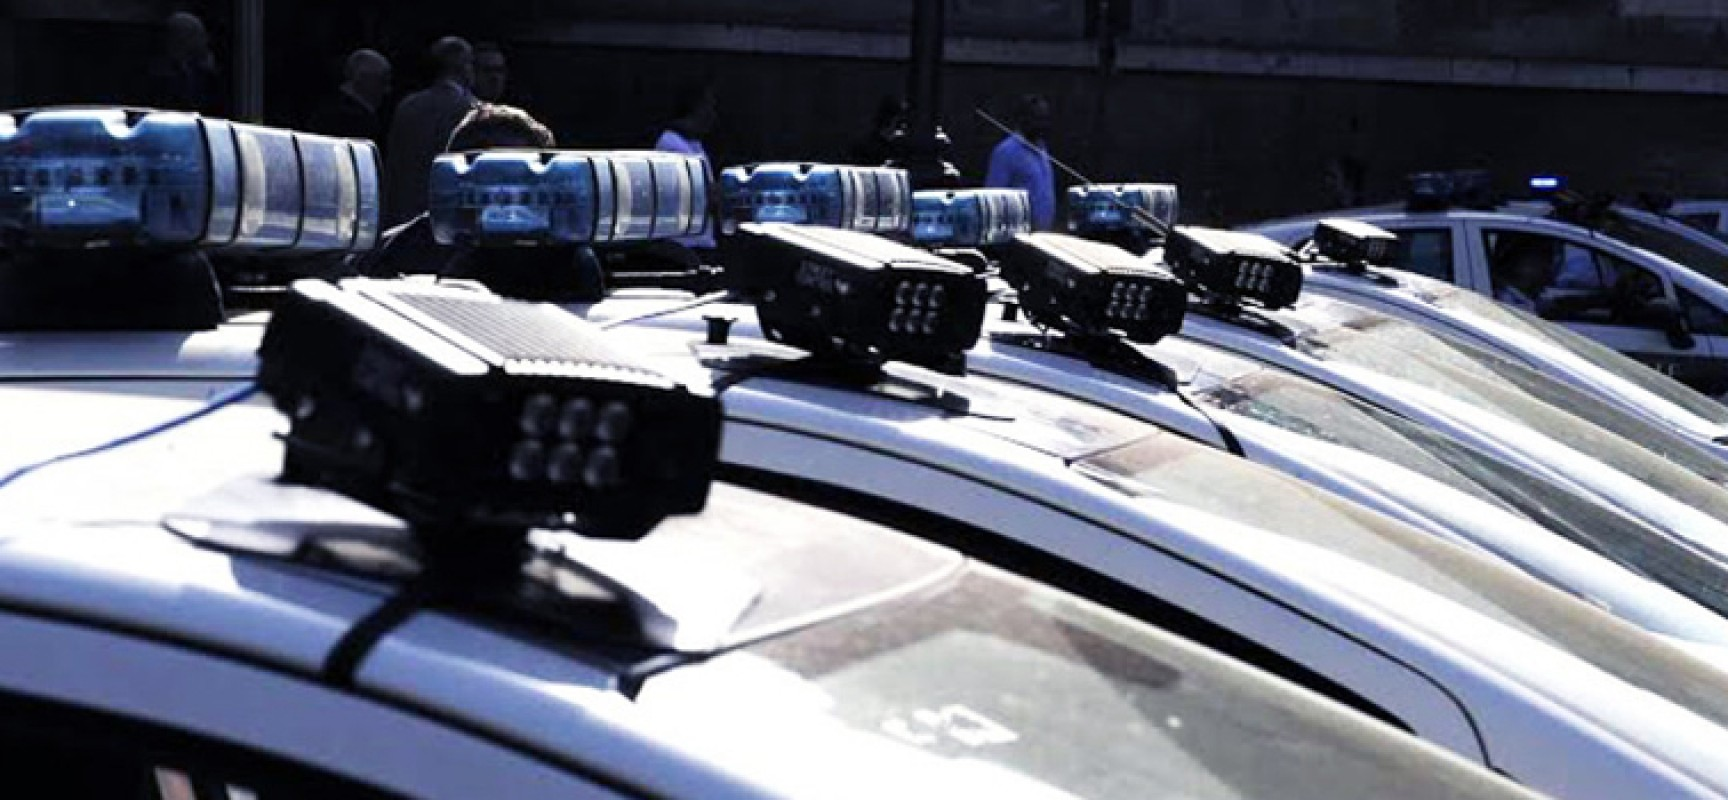 Tempi duri per automoblisti indisciplinati, arriva lo street control sulle vetture dei vigili